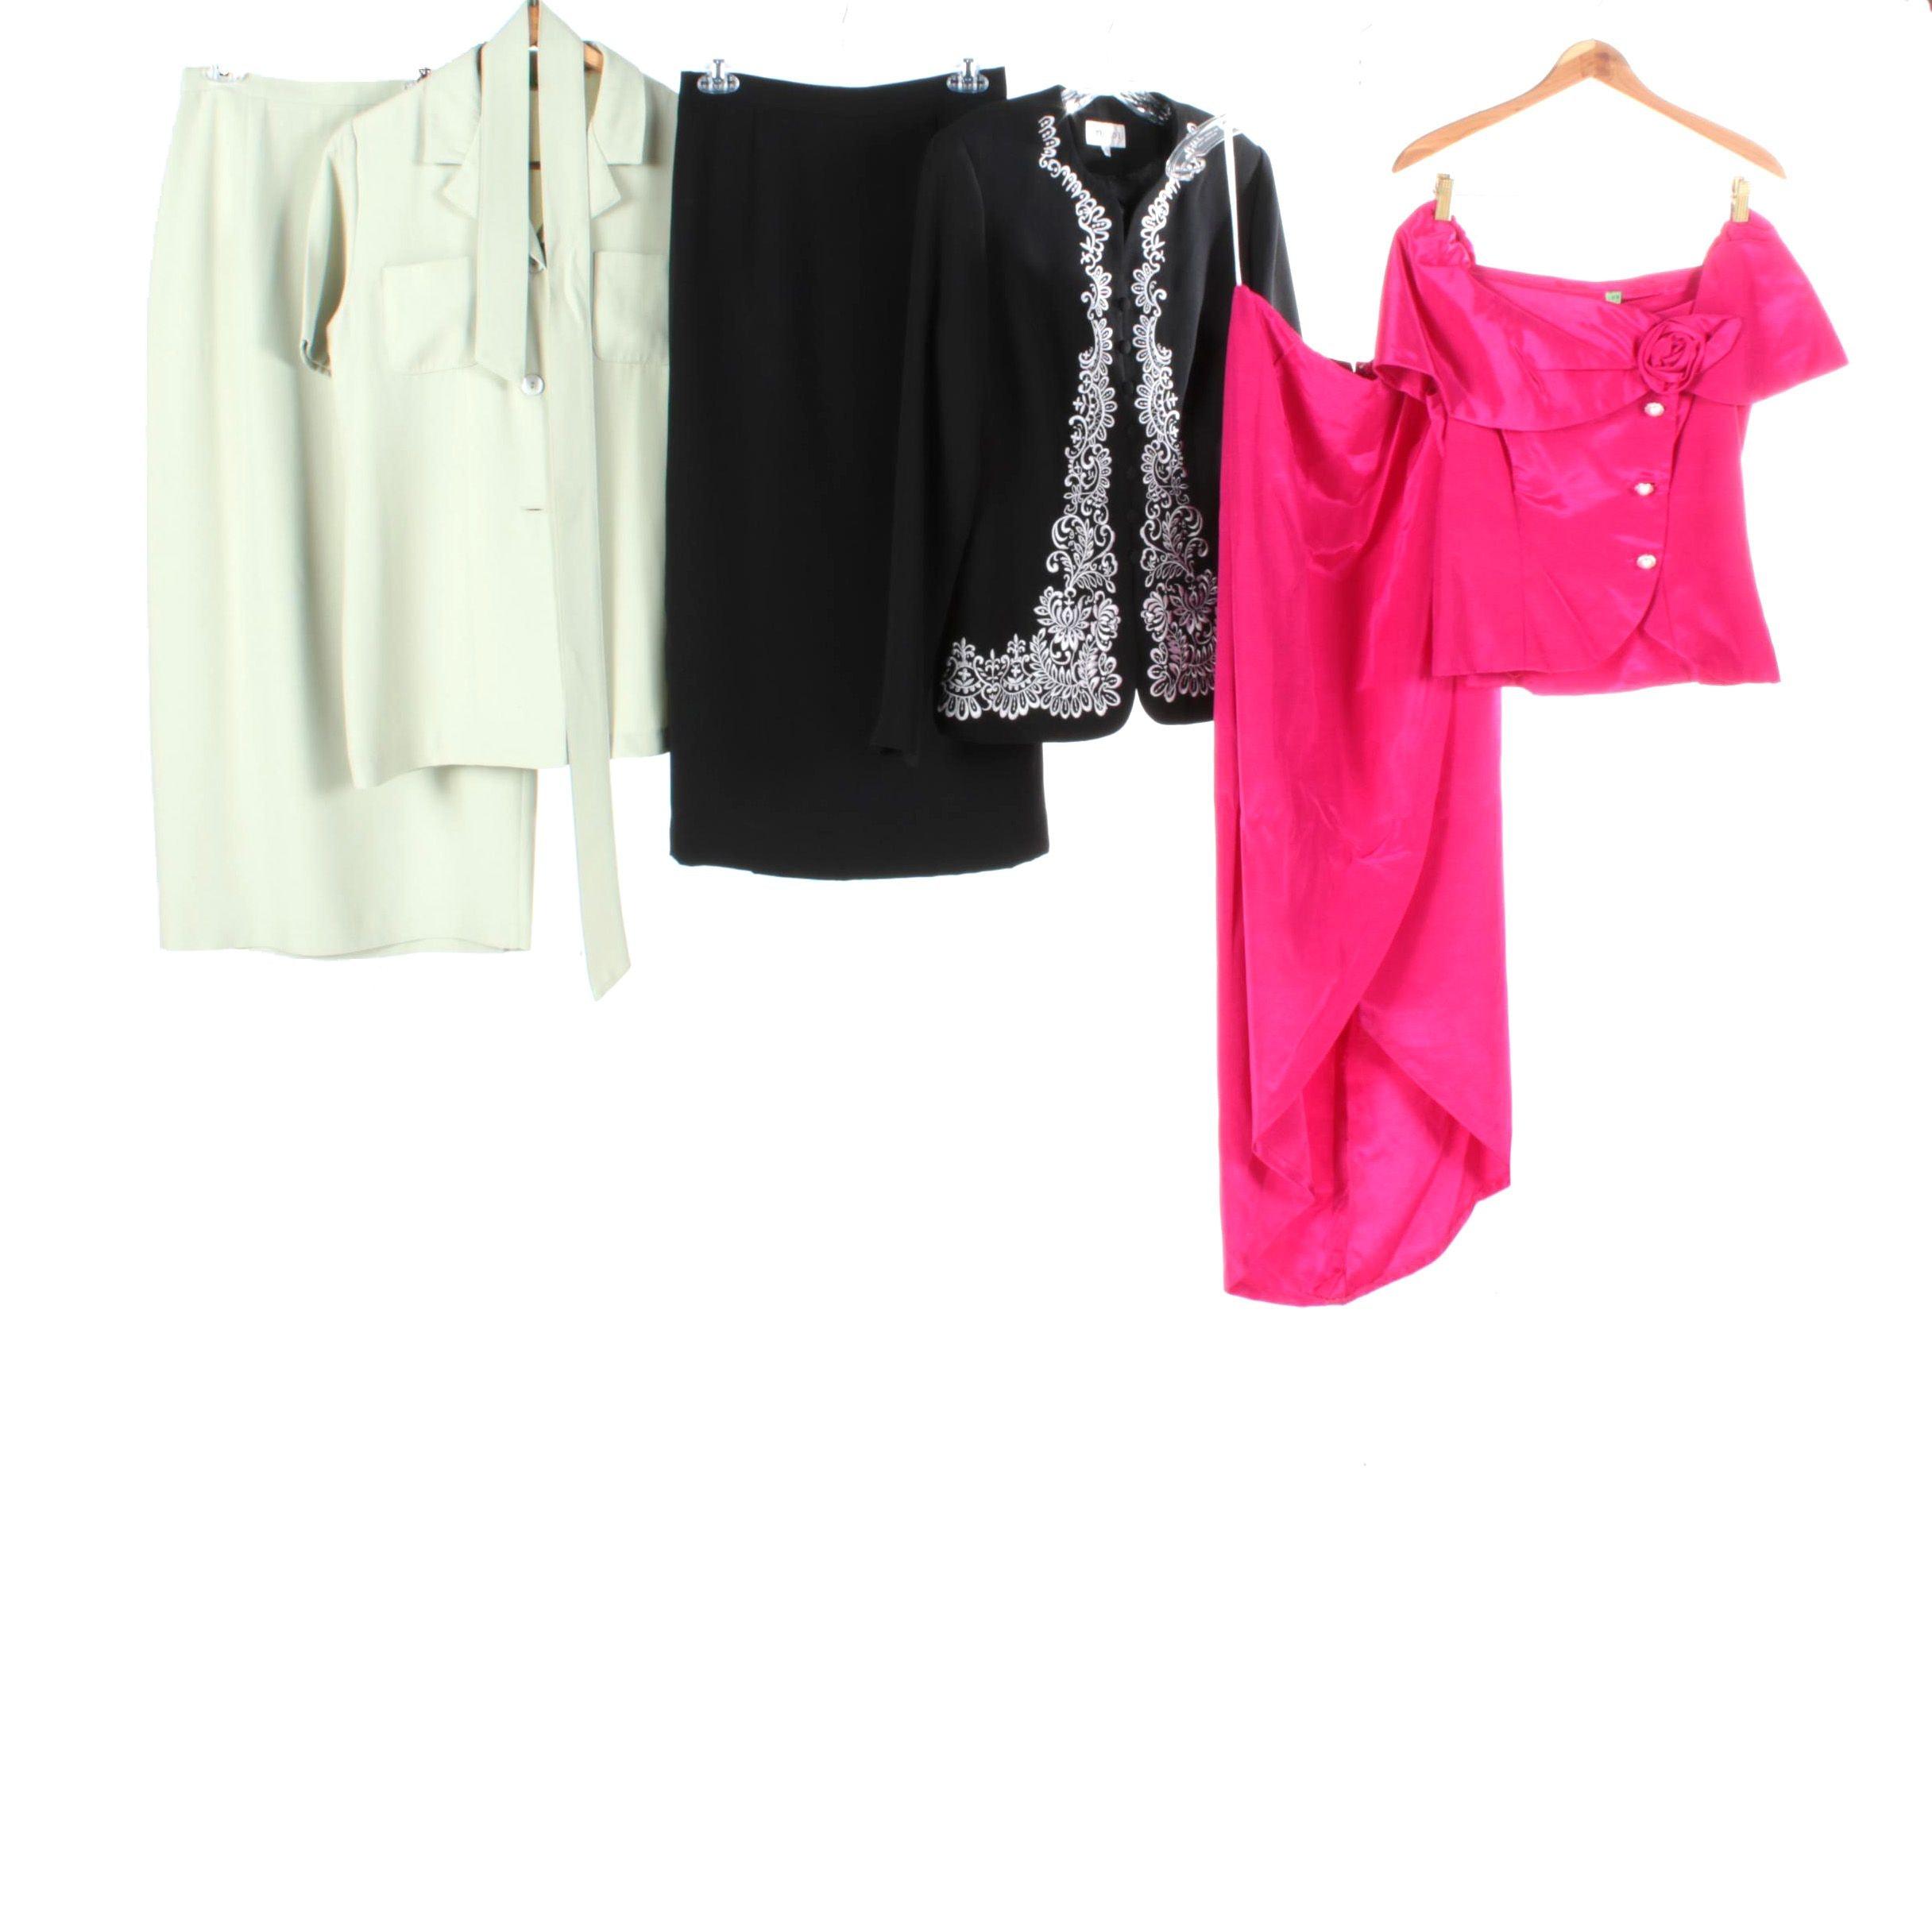 Women's Skirt Sets Including Studio I